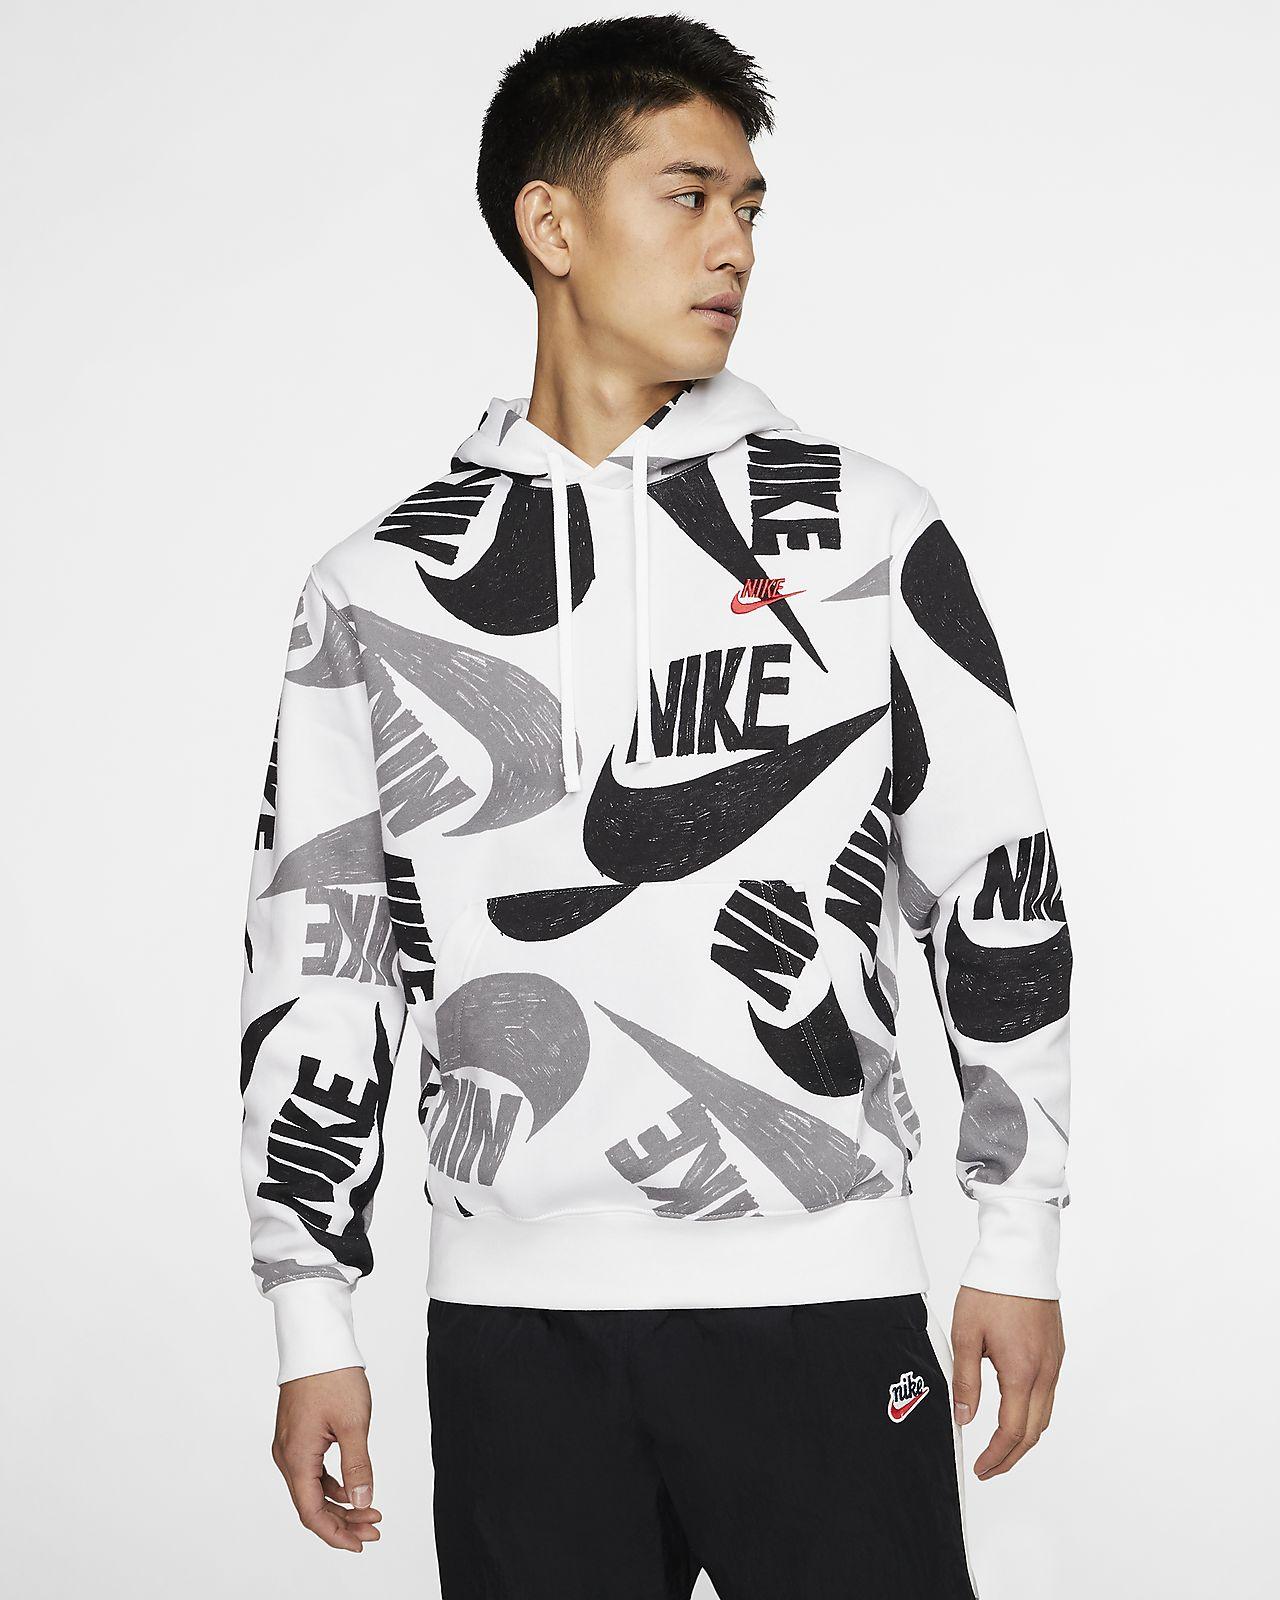 Nike Sportswear Ropa Hombres Capucha Con Cordón La Tienda De